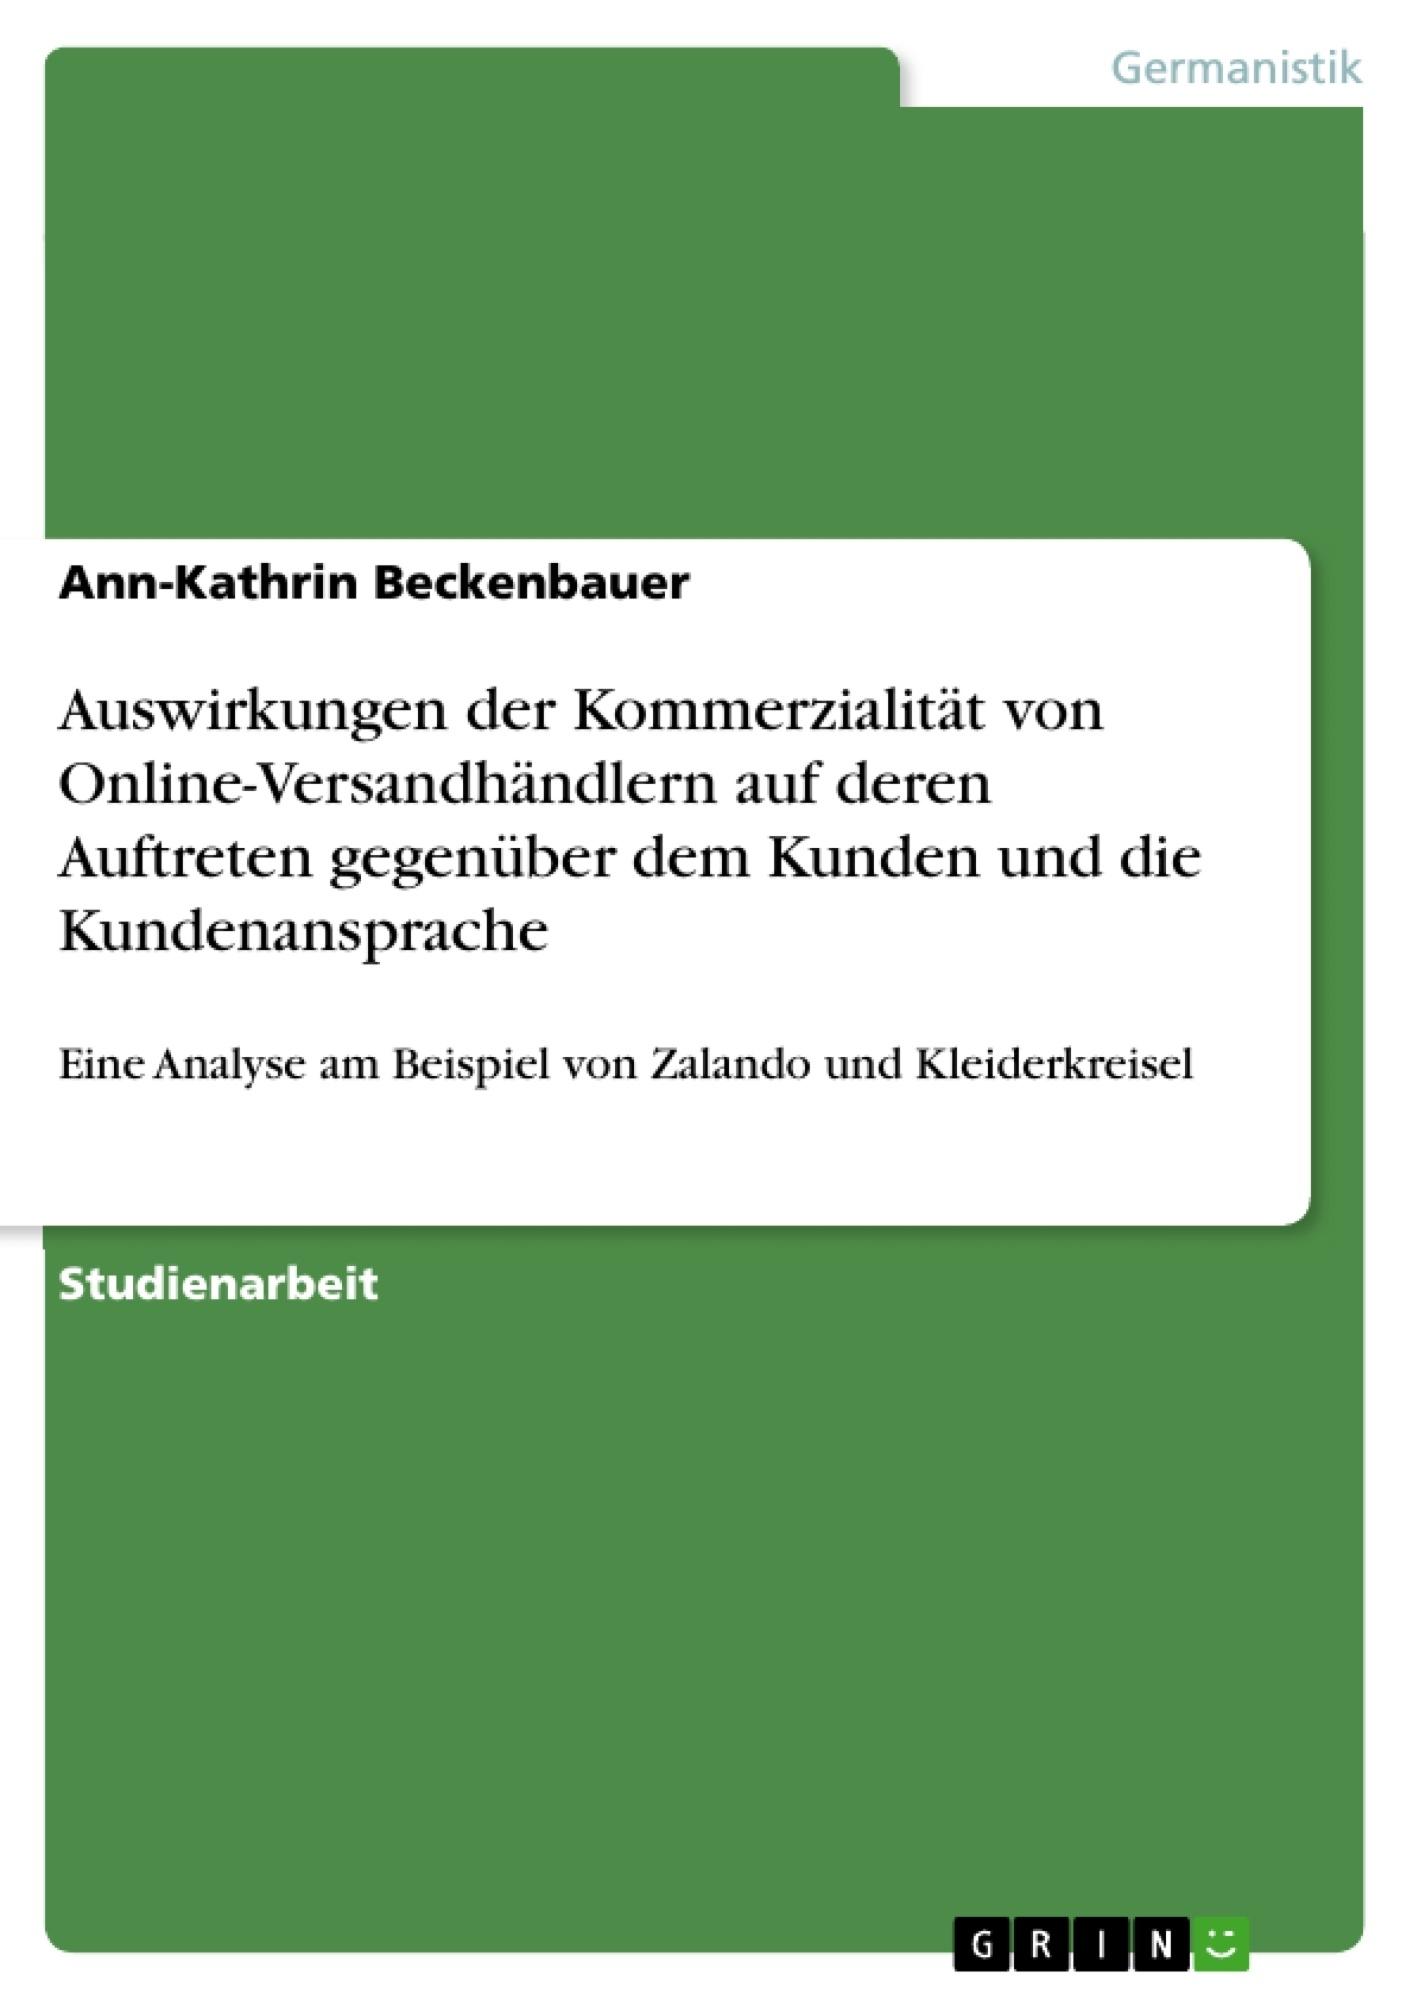 Titel: Auswirkungen der Kommerzialität von Online-Versandhändlern auf deren Auftreten gegenüber dem Kunden und die Kundenansprache